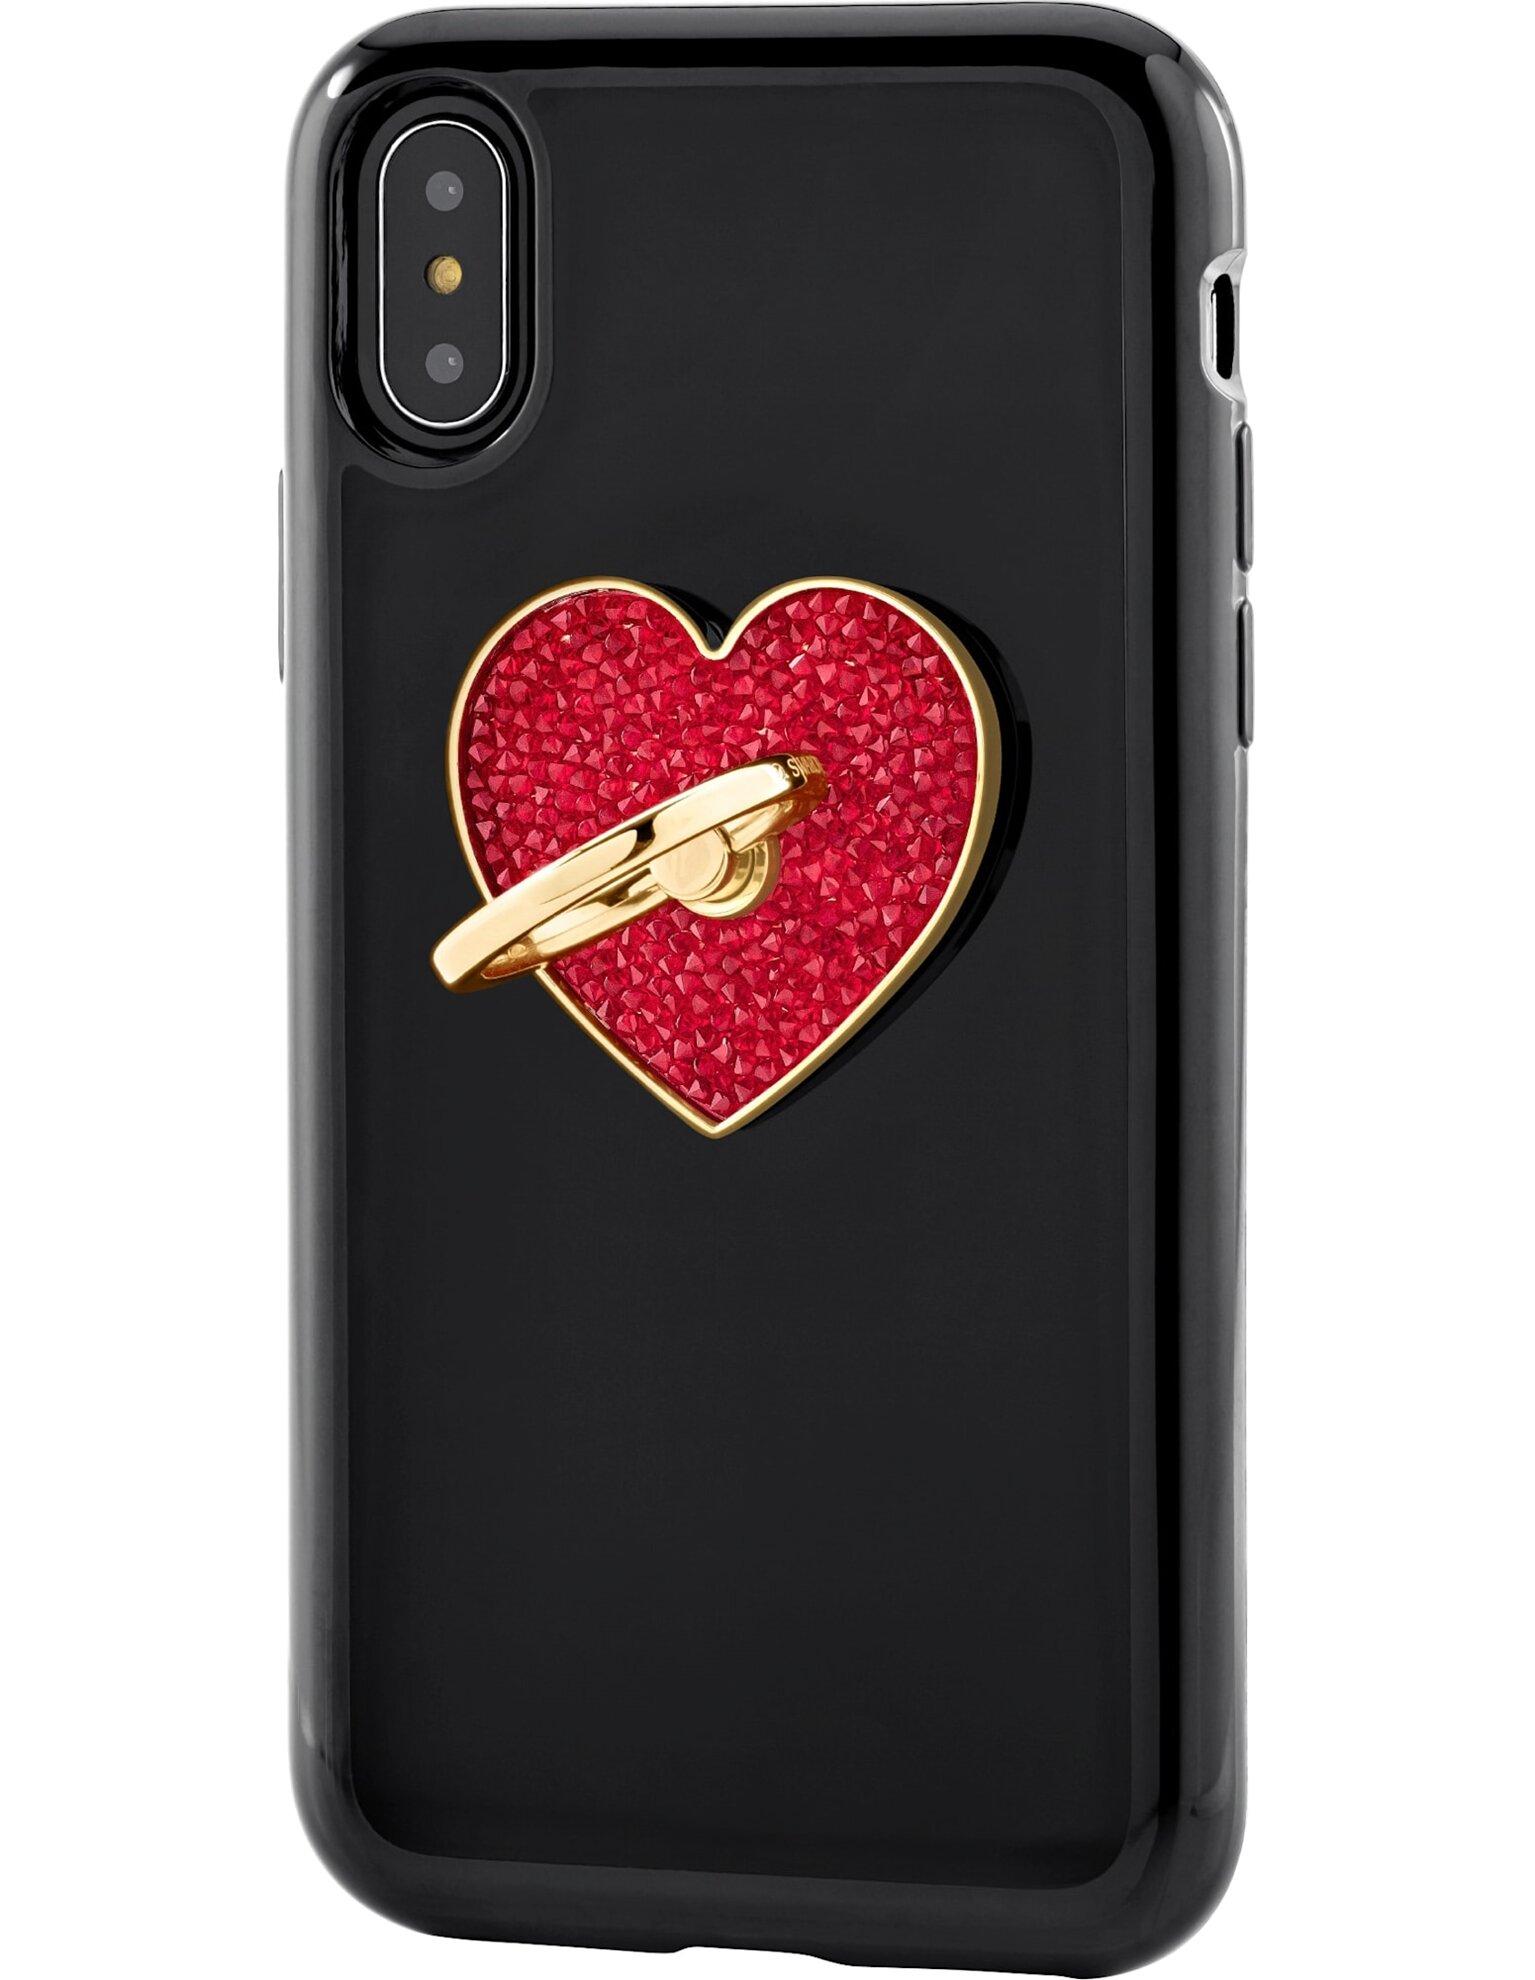 Picture of Glam Rock Telefon Halkası, Kırmızı, Karışık kaplama